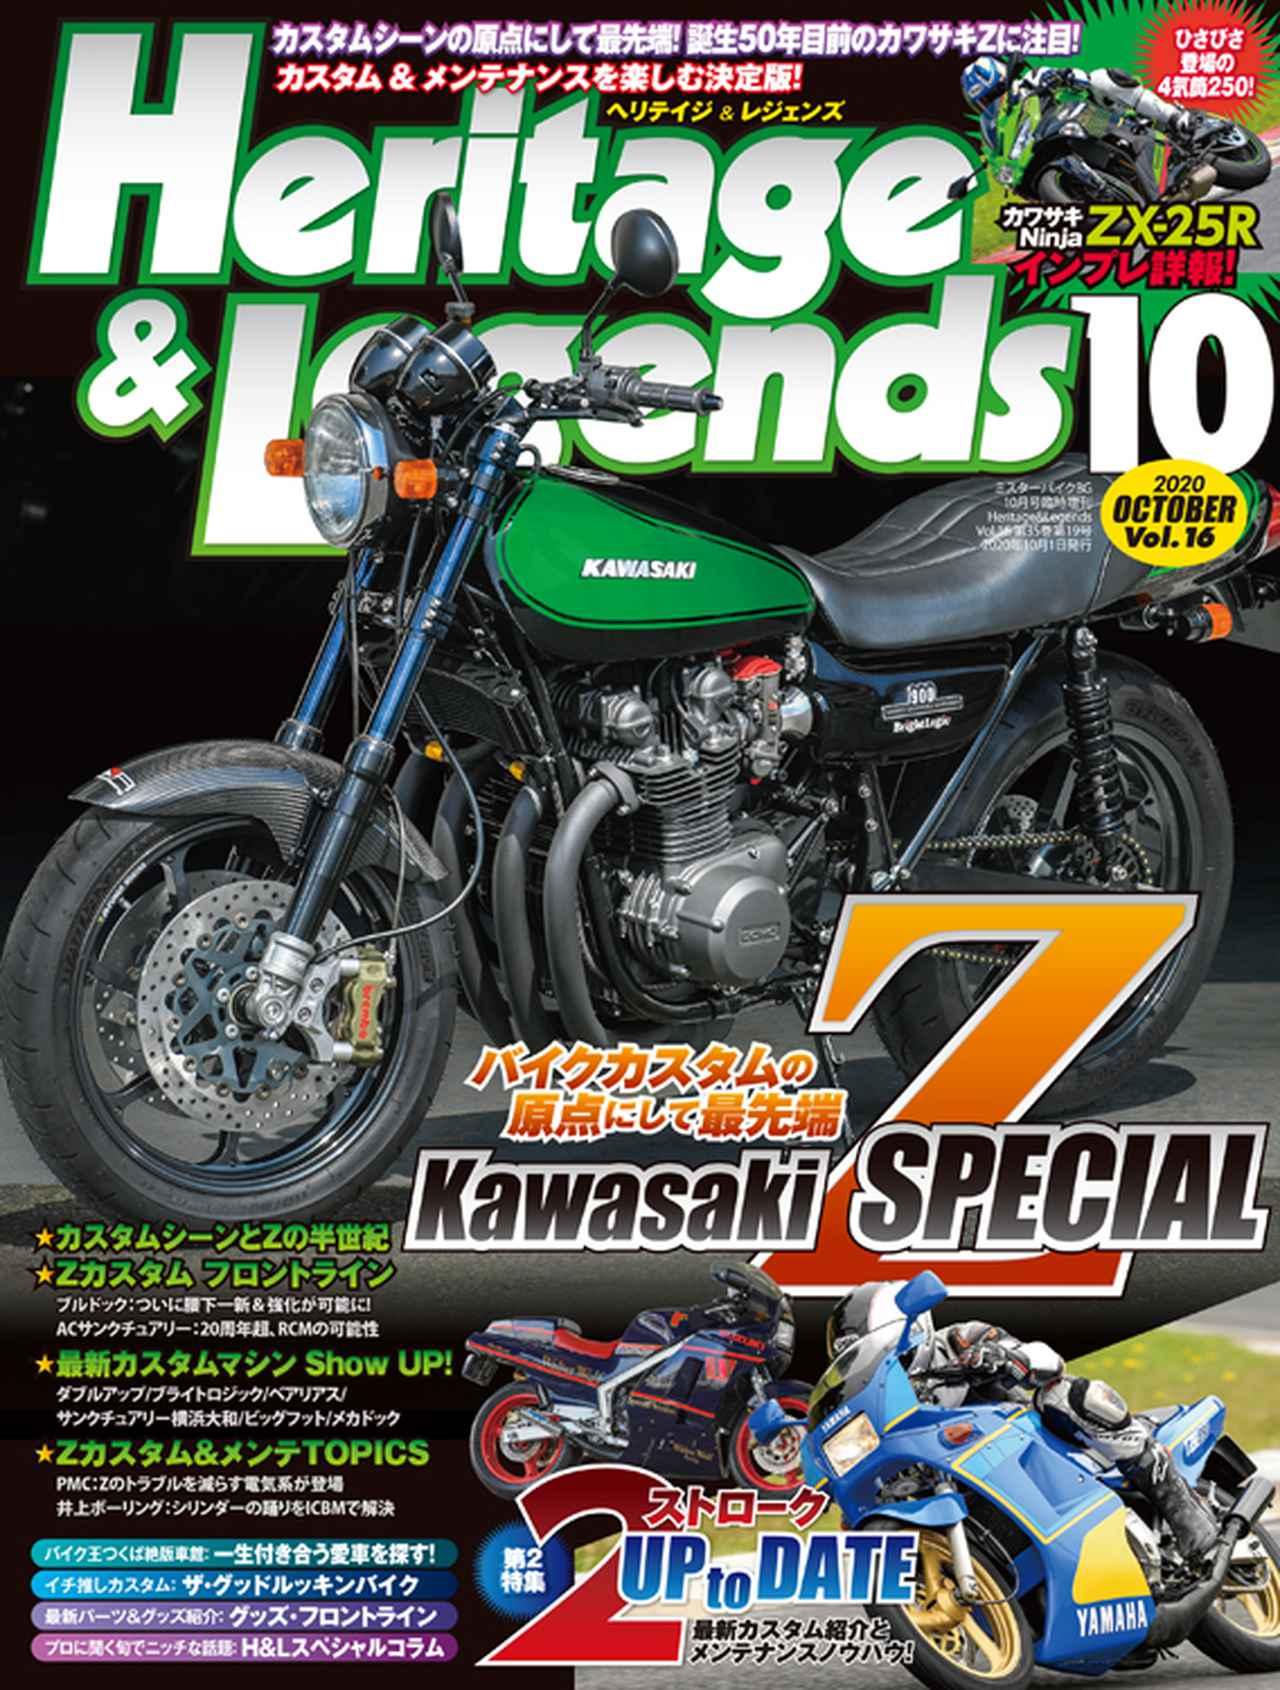 画像: 月刊『ヘリテイジ&レジェンズ』10月号(Vol.16)好評発売中!| ヘリテイジ&レジェンズ|Heritage& Legends